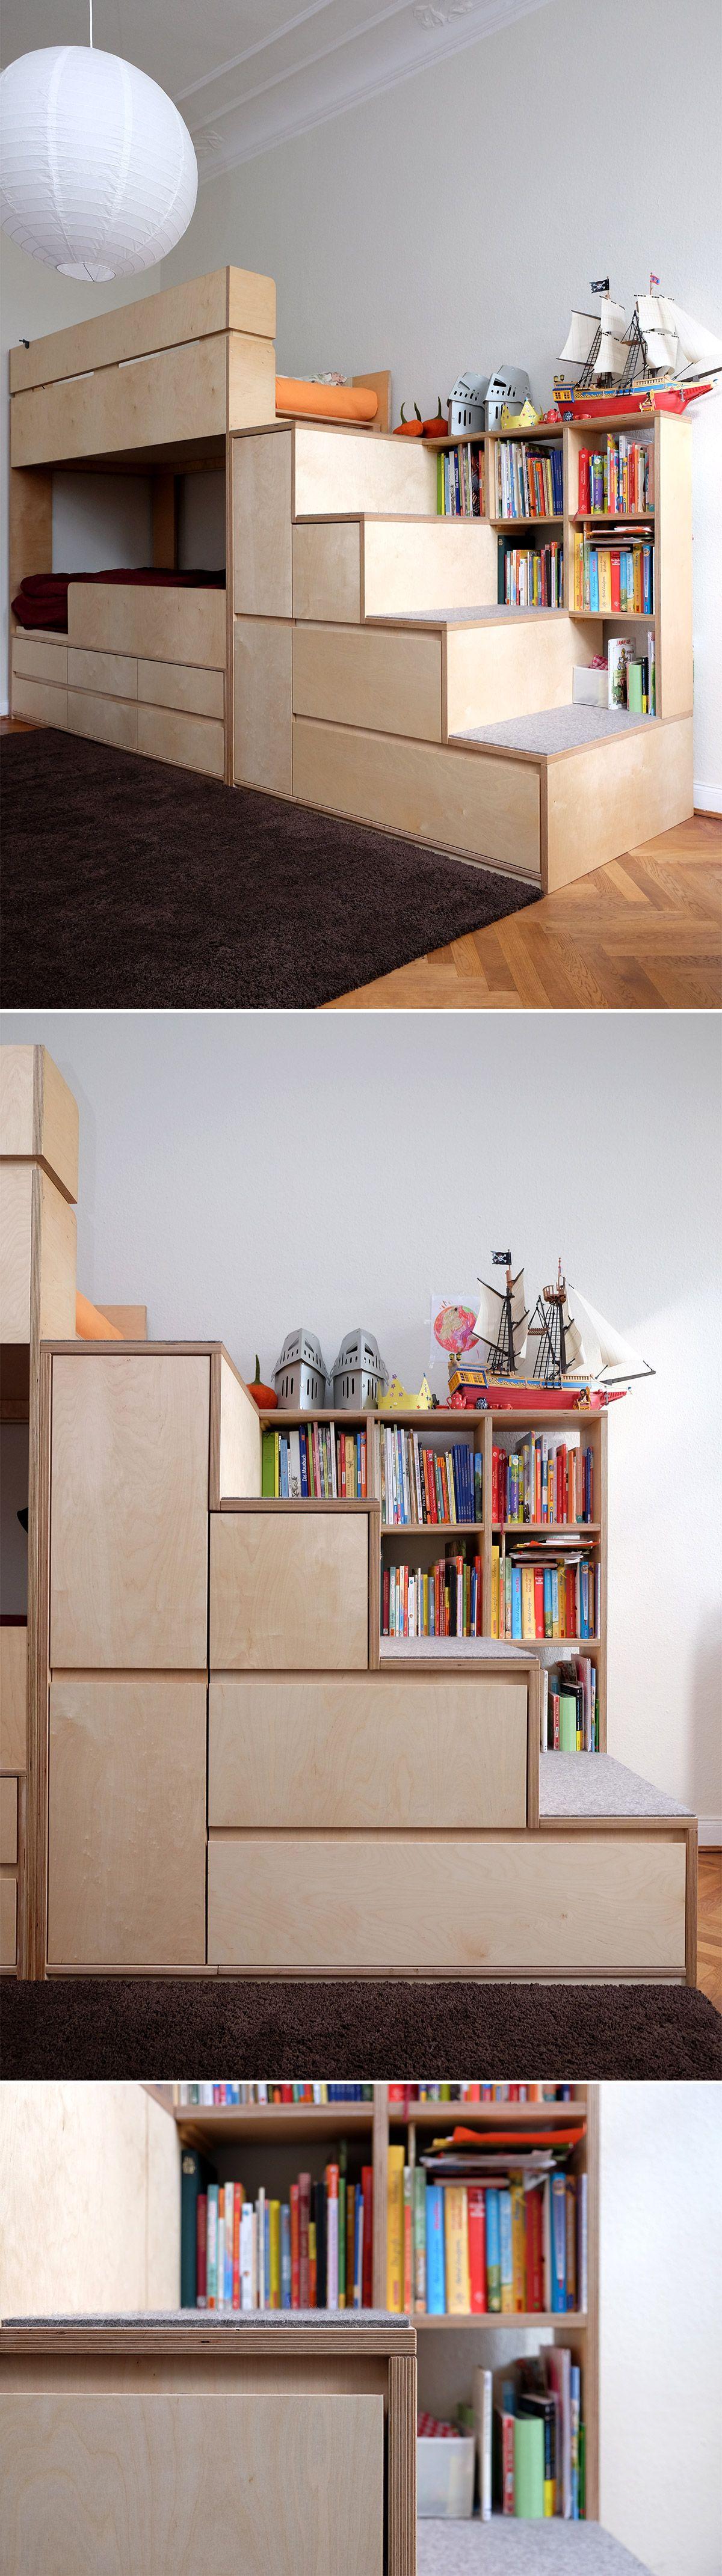 Kinderzimmer: Etagenbett / Hochbett mit Treppe und Stauraum ...